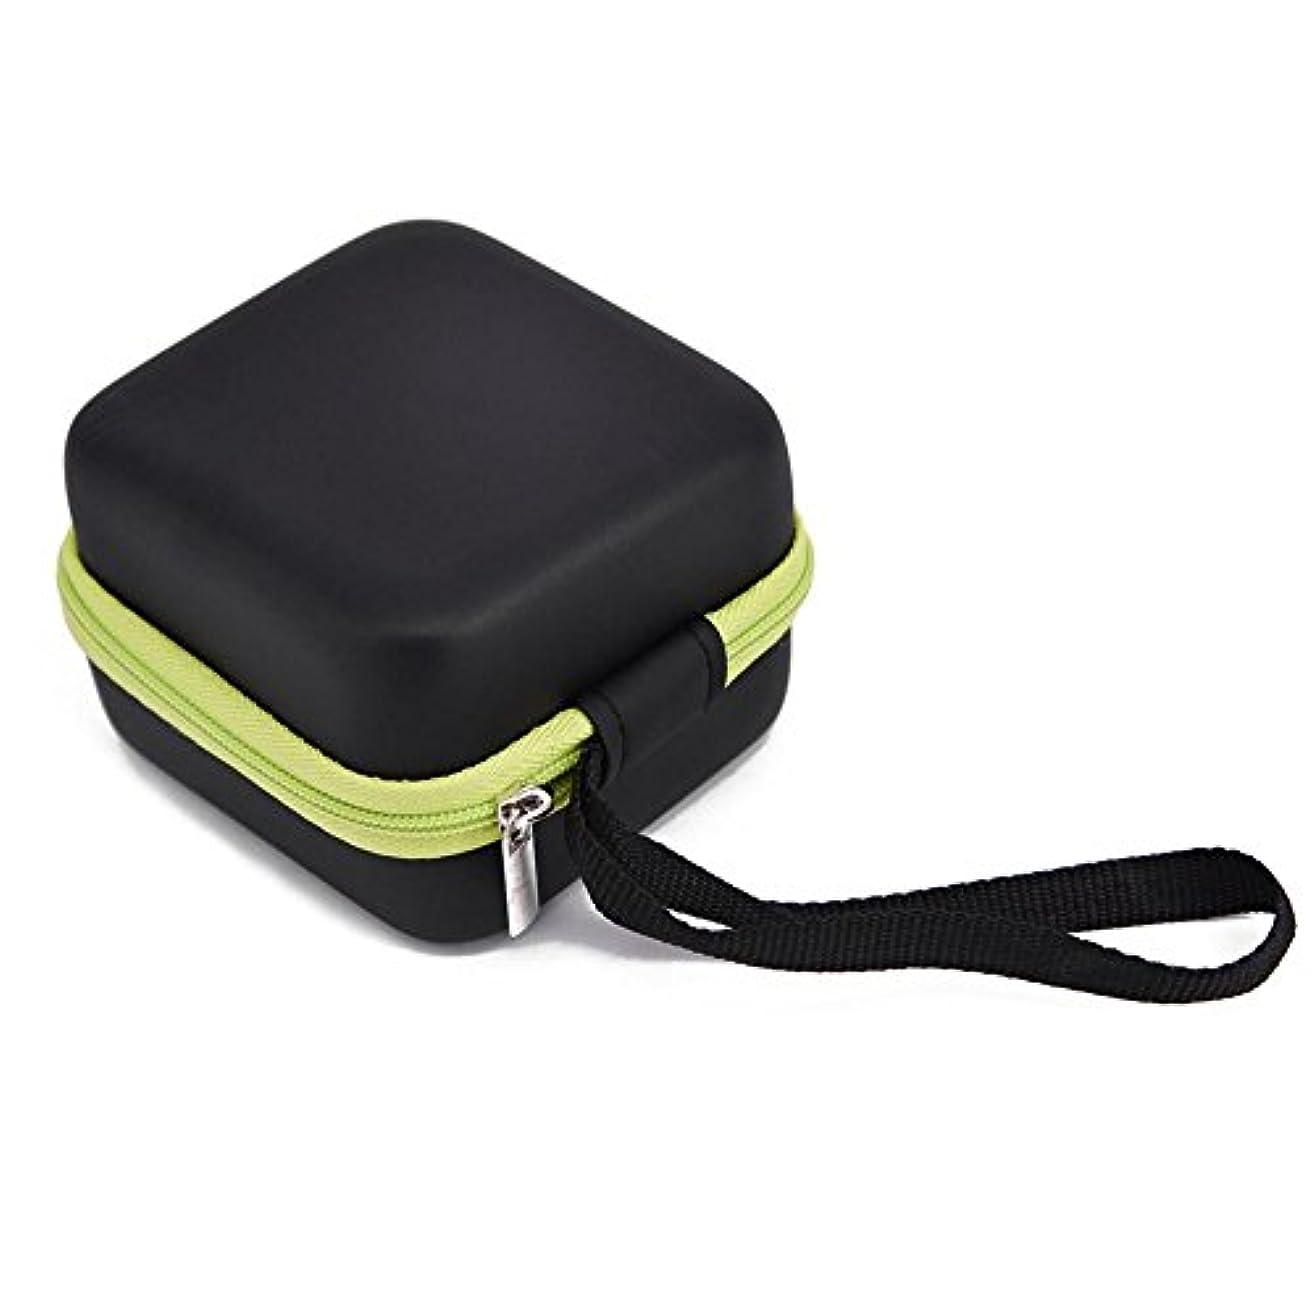 シュガーリスク制裁Farlong 7グリッド 5ML 精油貯蔵袋 エスニックスタイル オイル収納ボックス 人気の 精油 ケース 5色